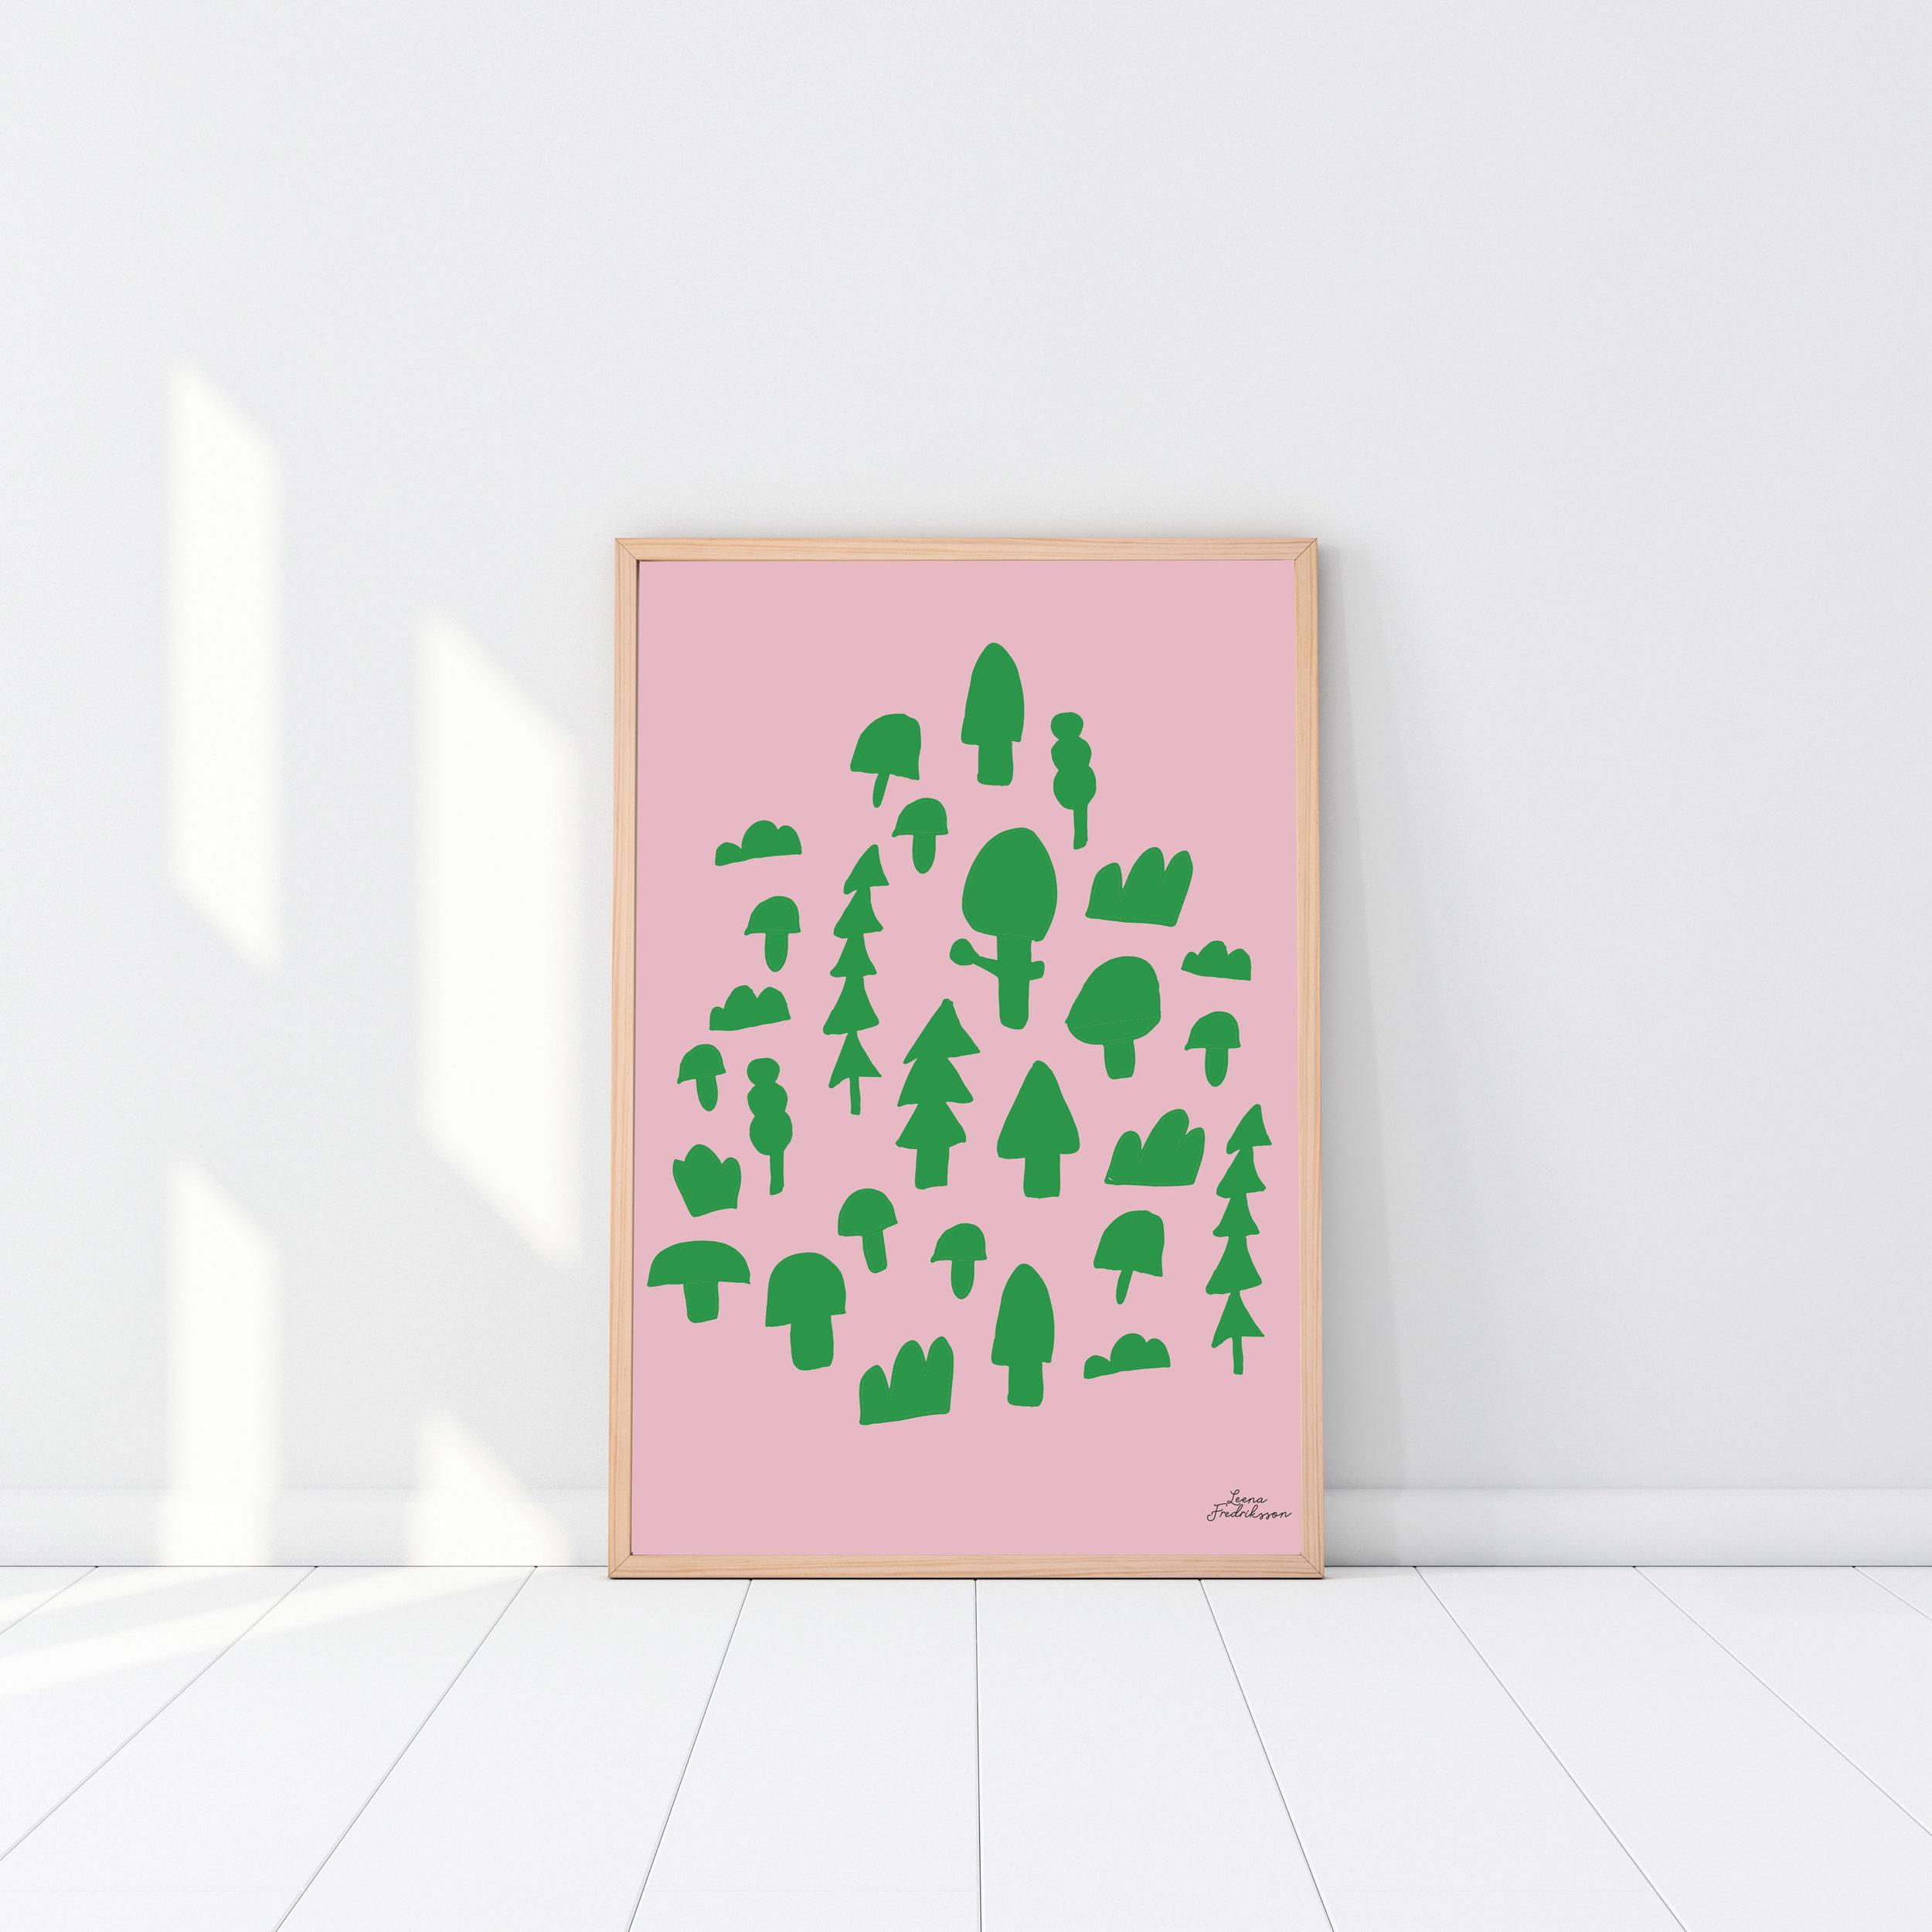 leenafredriksson_juliste_forest.jpg